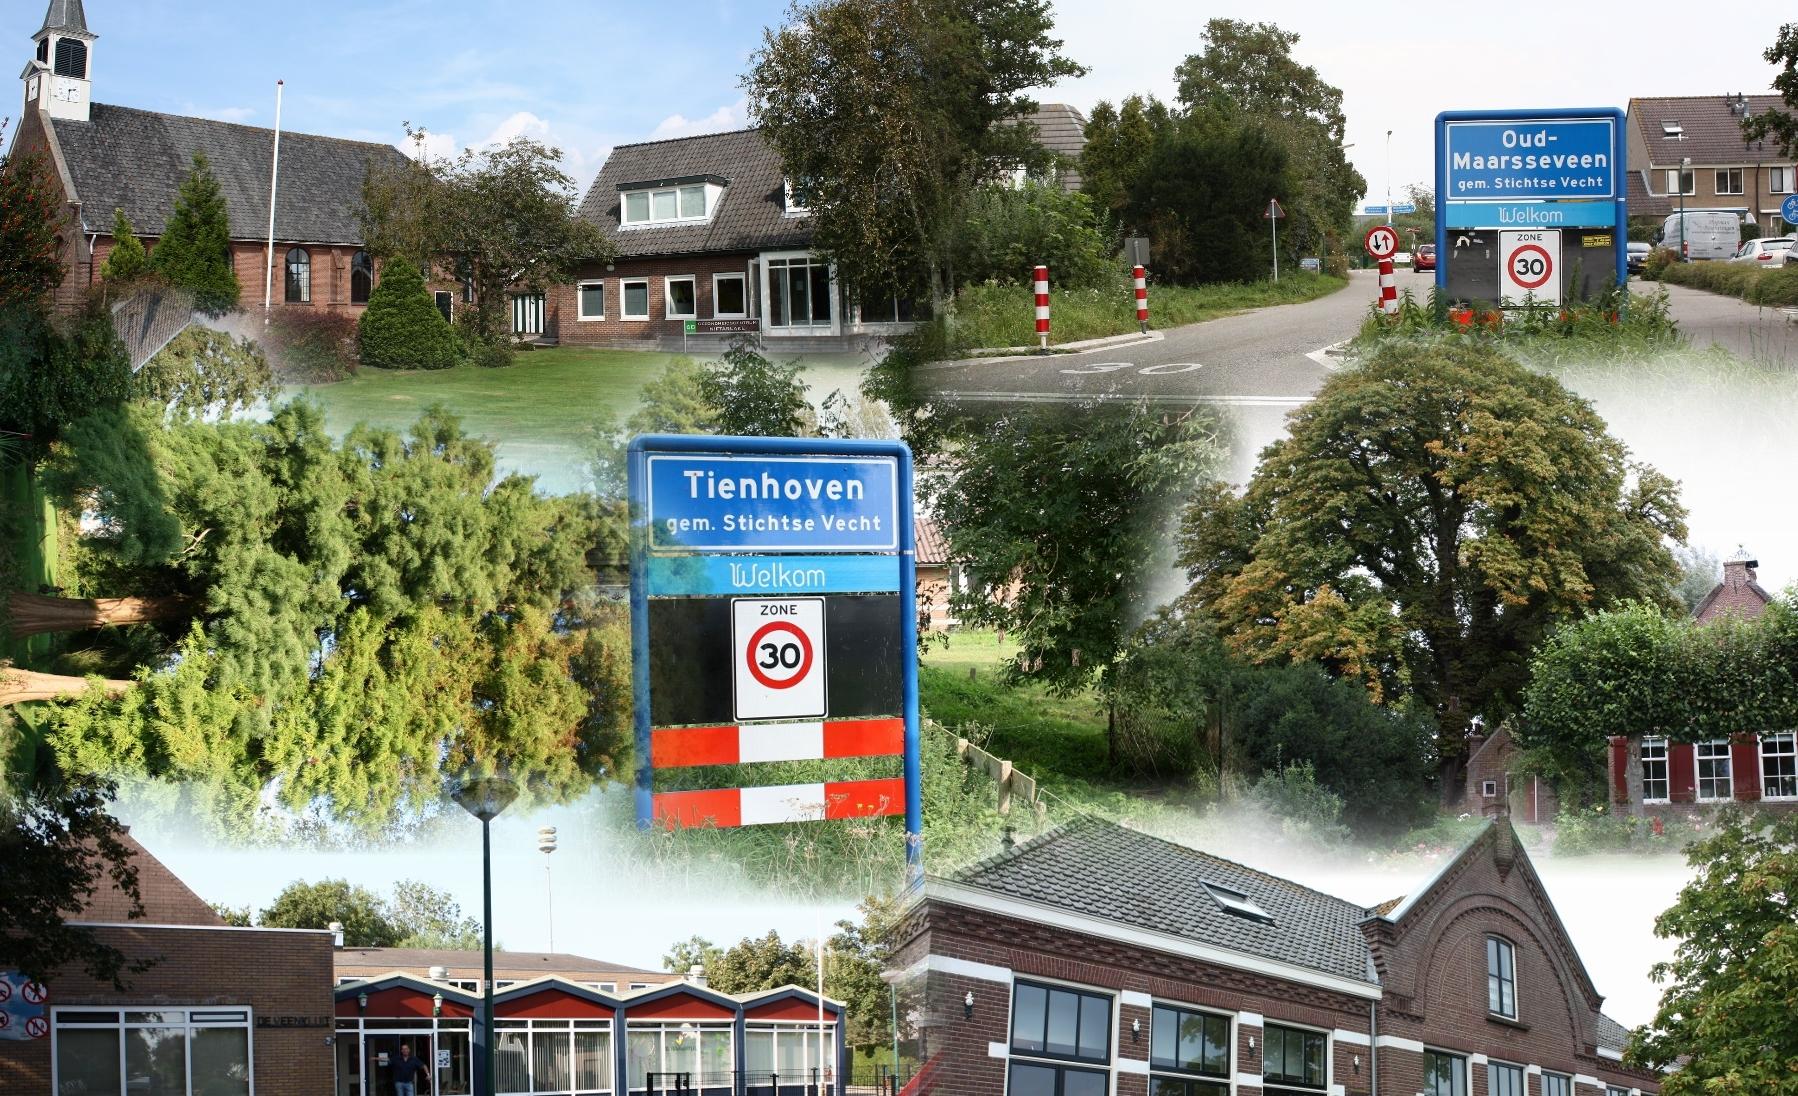 image 1 | Bewoners vereniging Tienhoven & Oud-Maarsseveen